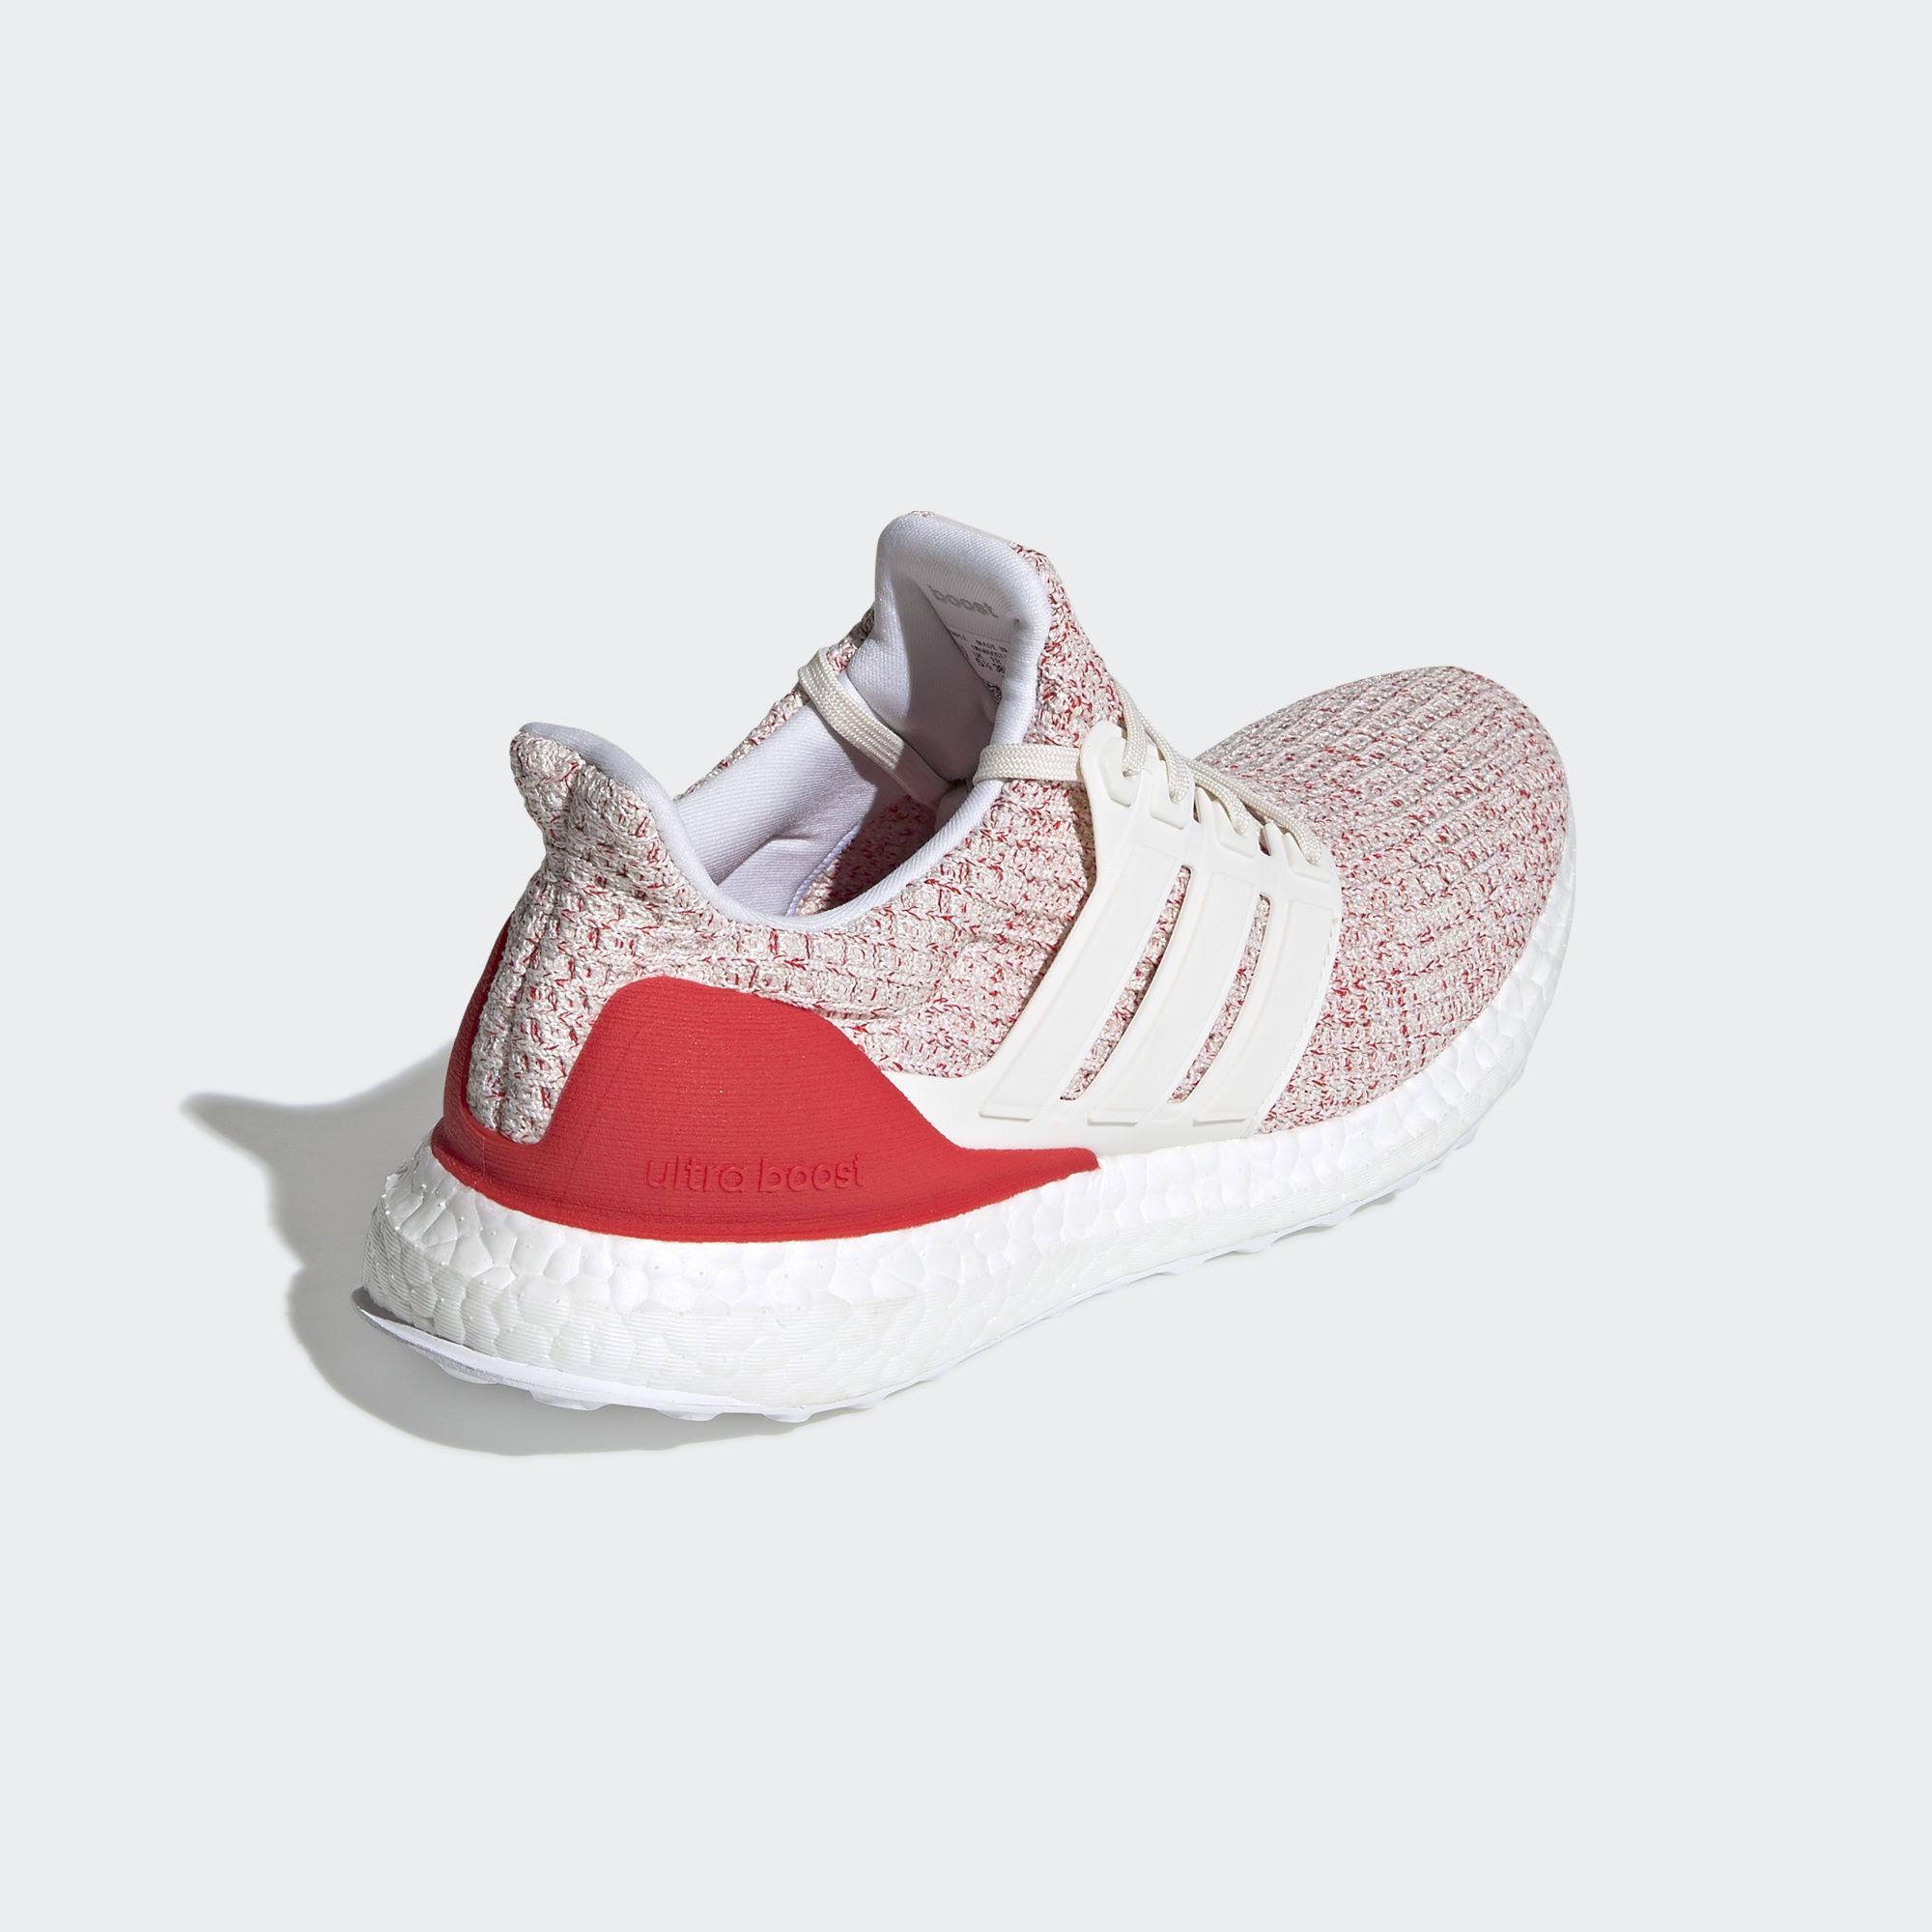 Ultraboostgesso donna taglia 6 Adidas da da rosso biancorosso corsa attivoScarpe gesso qpUzVSMG